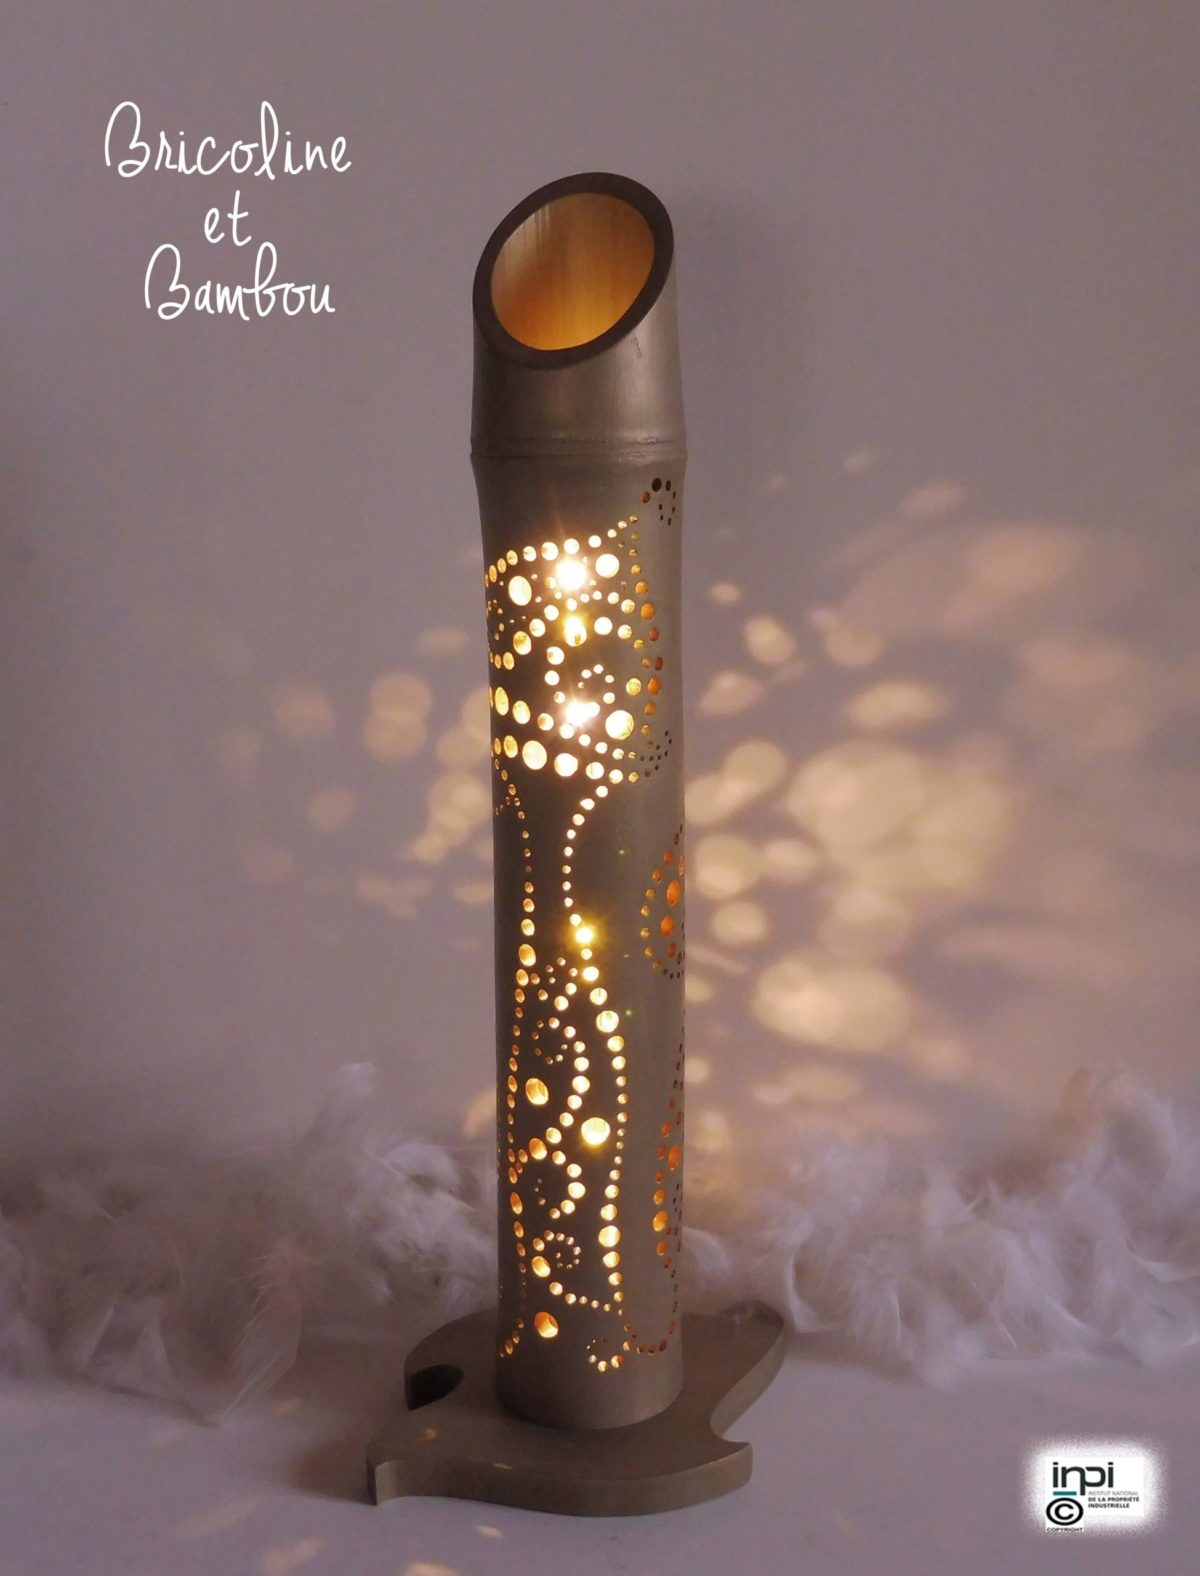 Lampe Bambou Champy.jpg